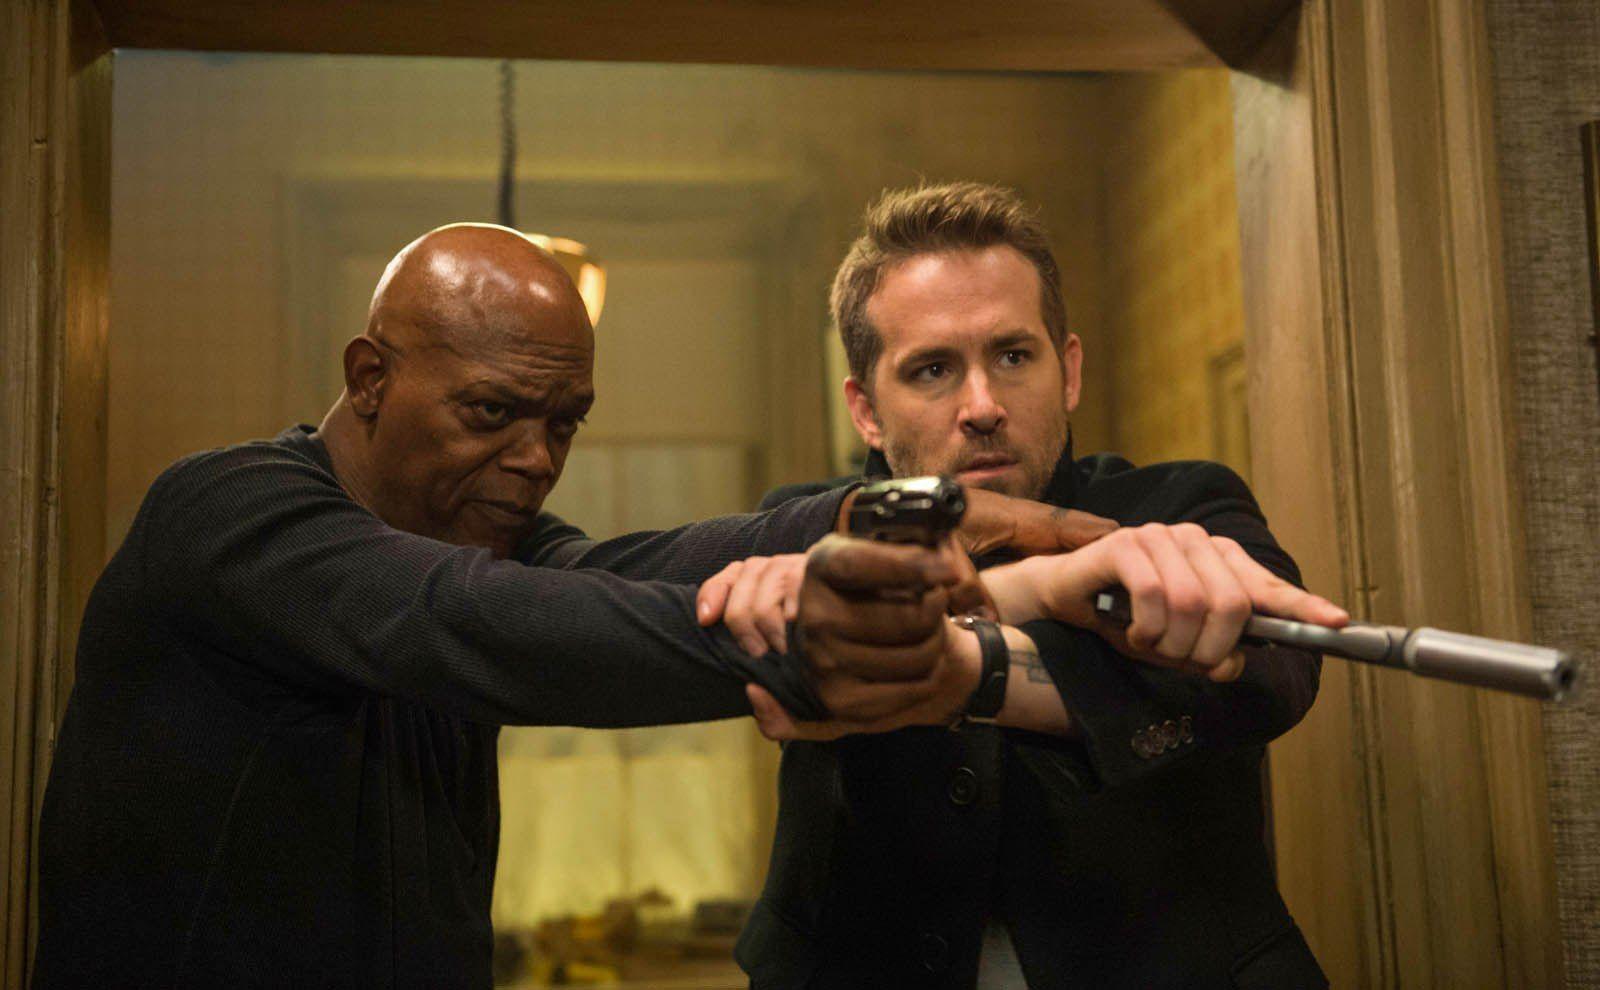 El Otro Guardaespaldas Dos Hombres Y El Mismo Destino Peliculas De Comedia Noticias De Cine Ryan Reynolds